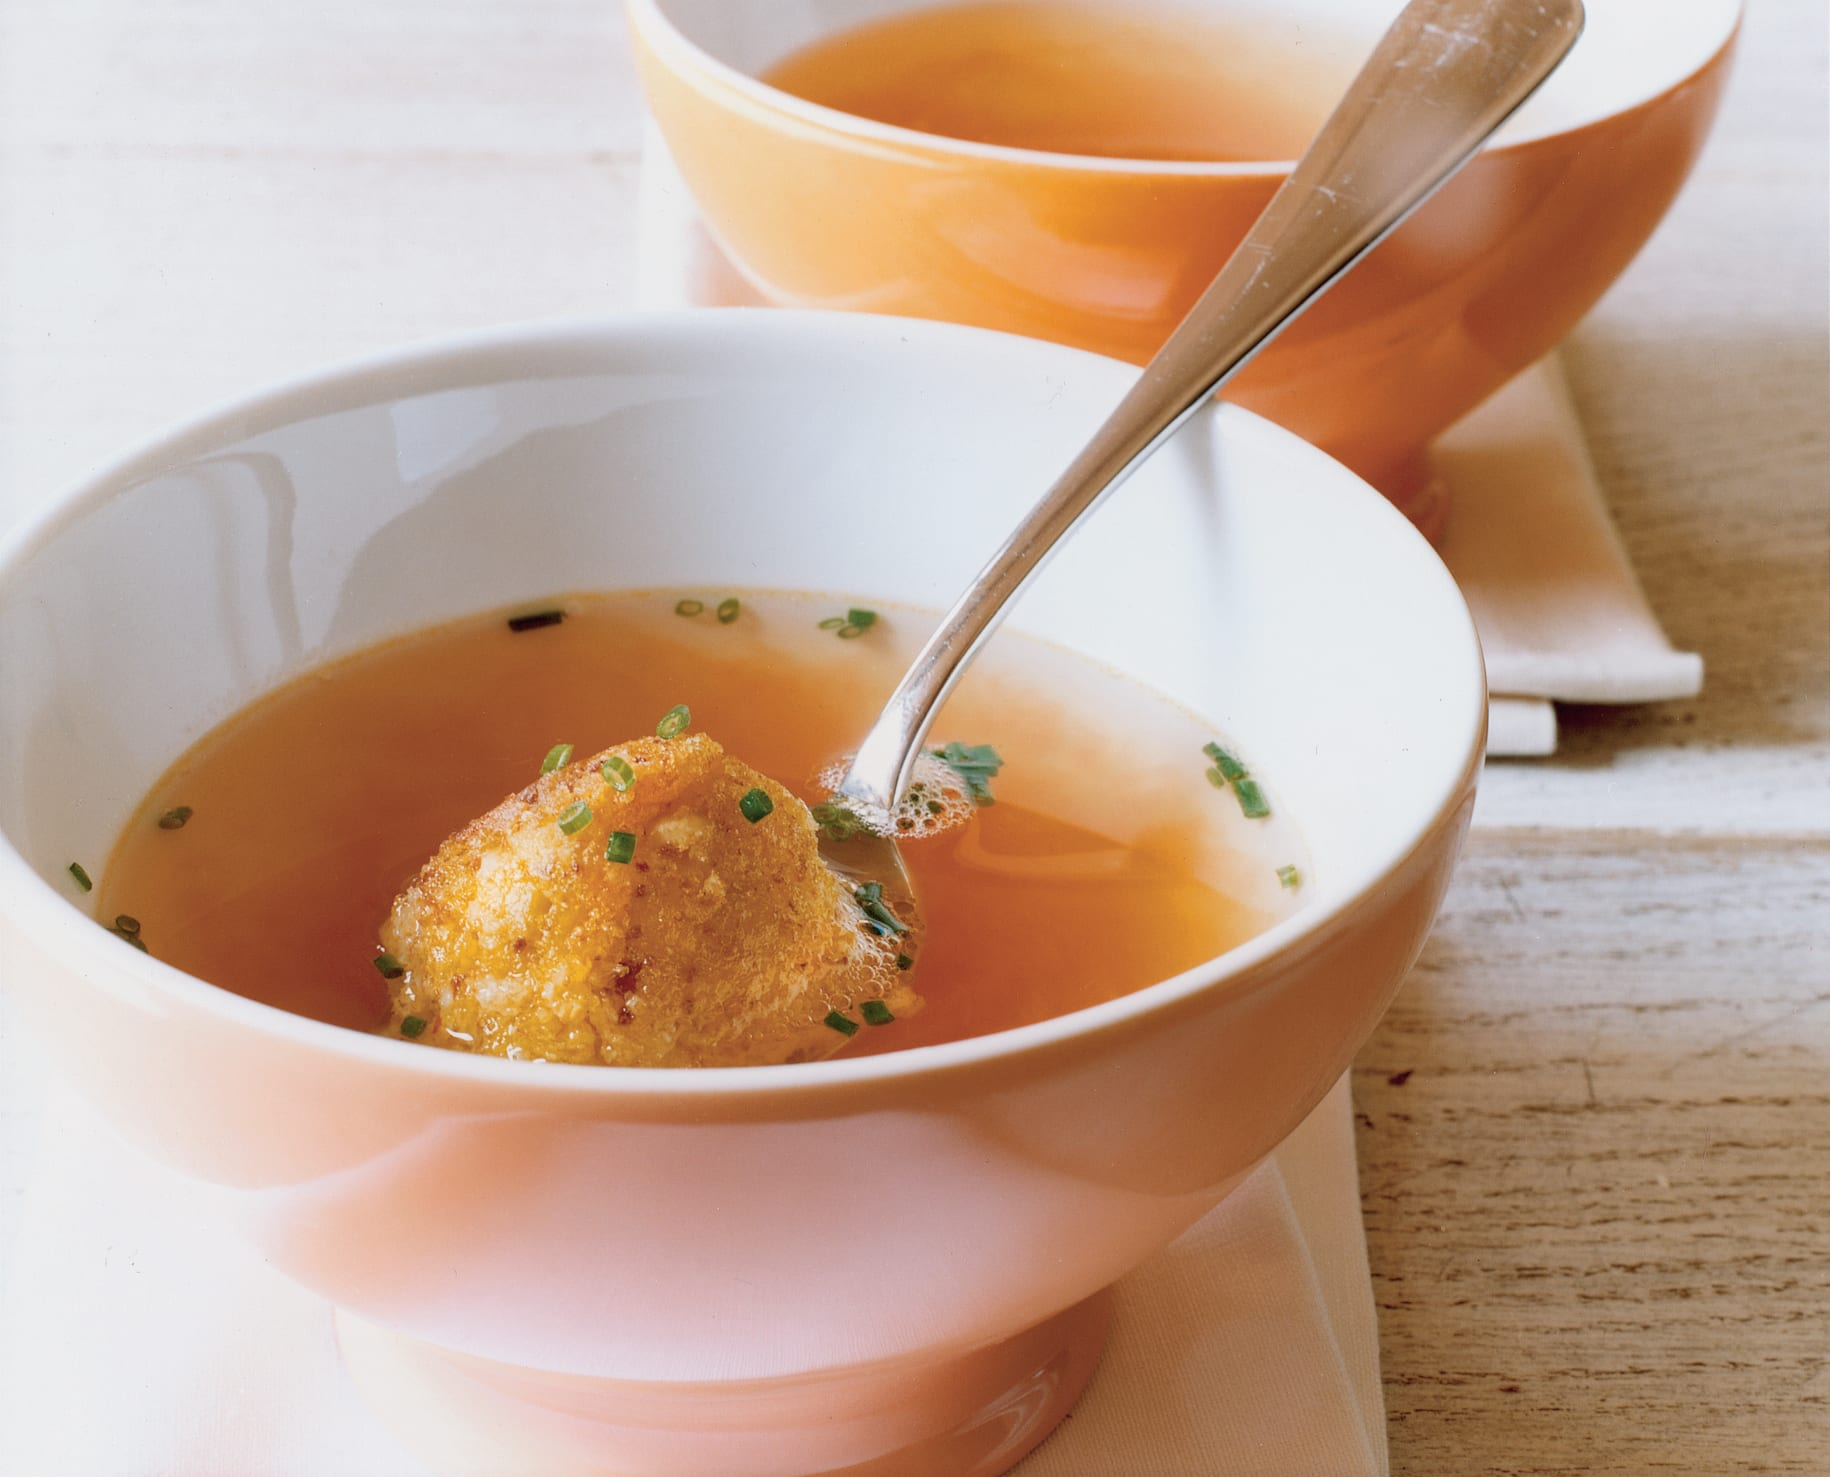 Reisbällchen-Suppe